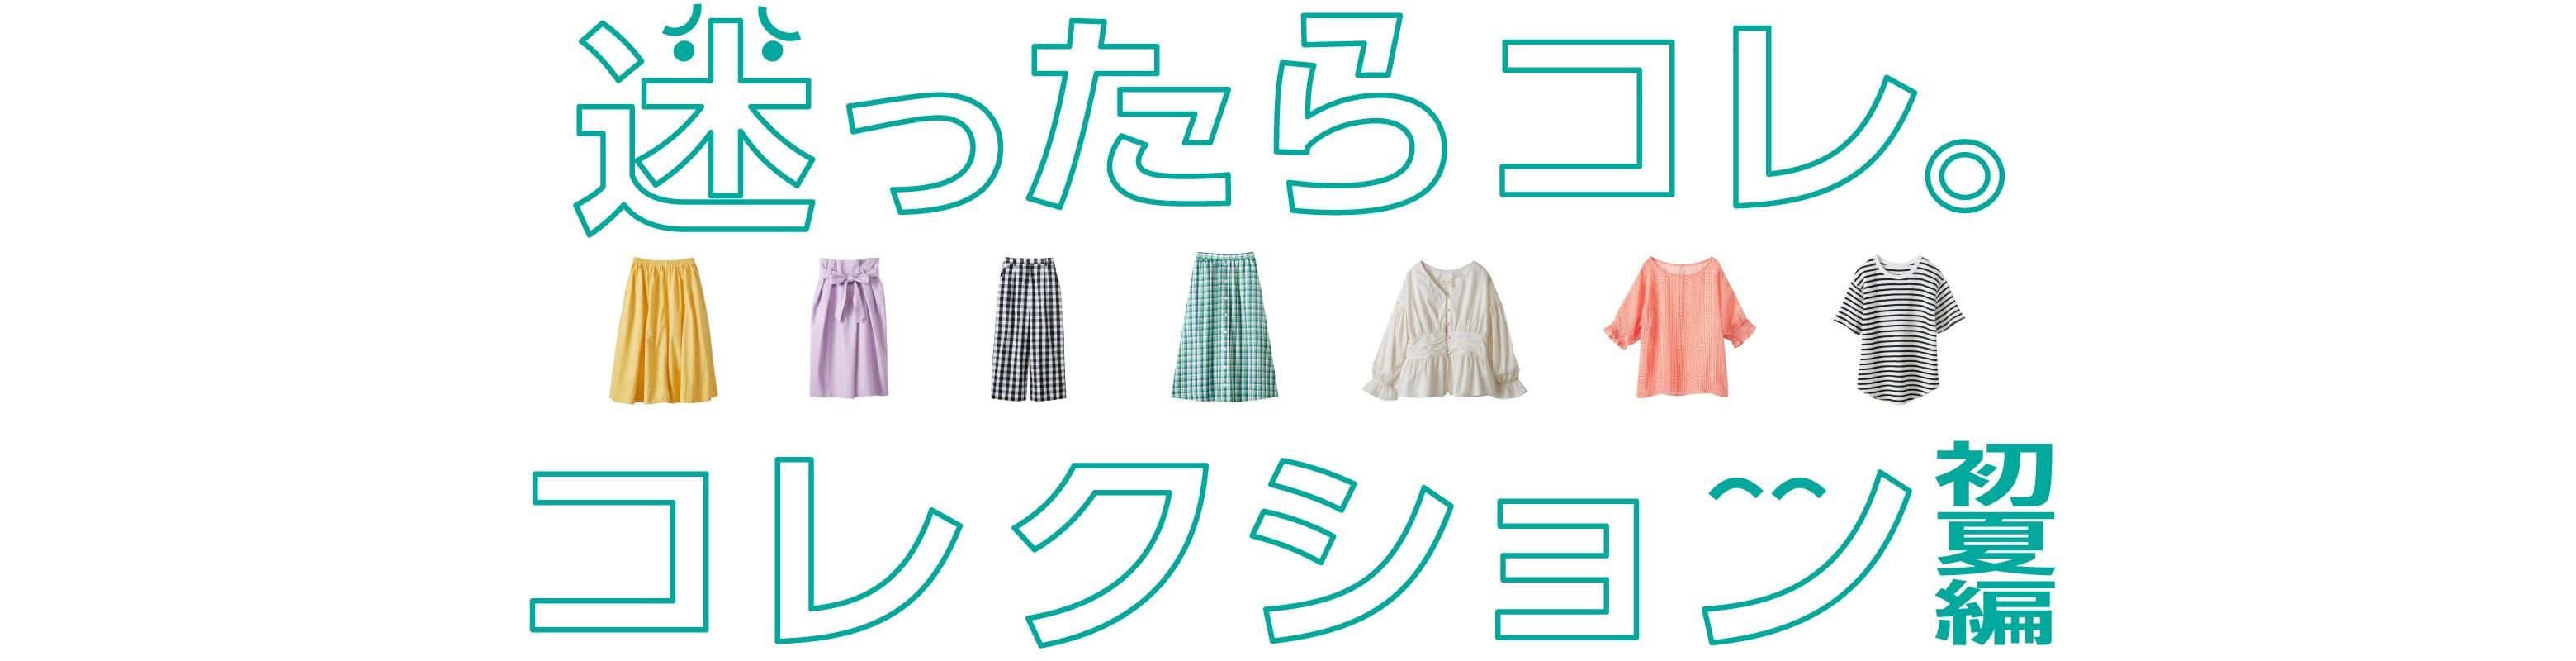 迷ったらコレ。 コレクション!^^初夏編